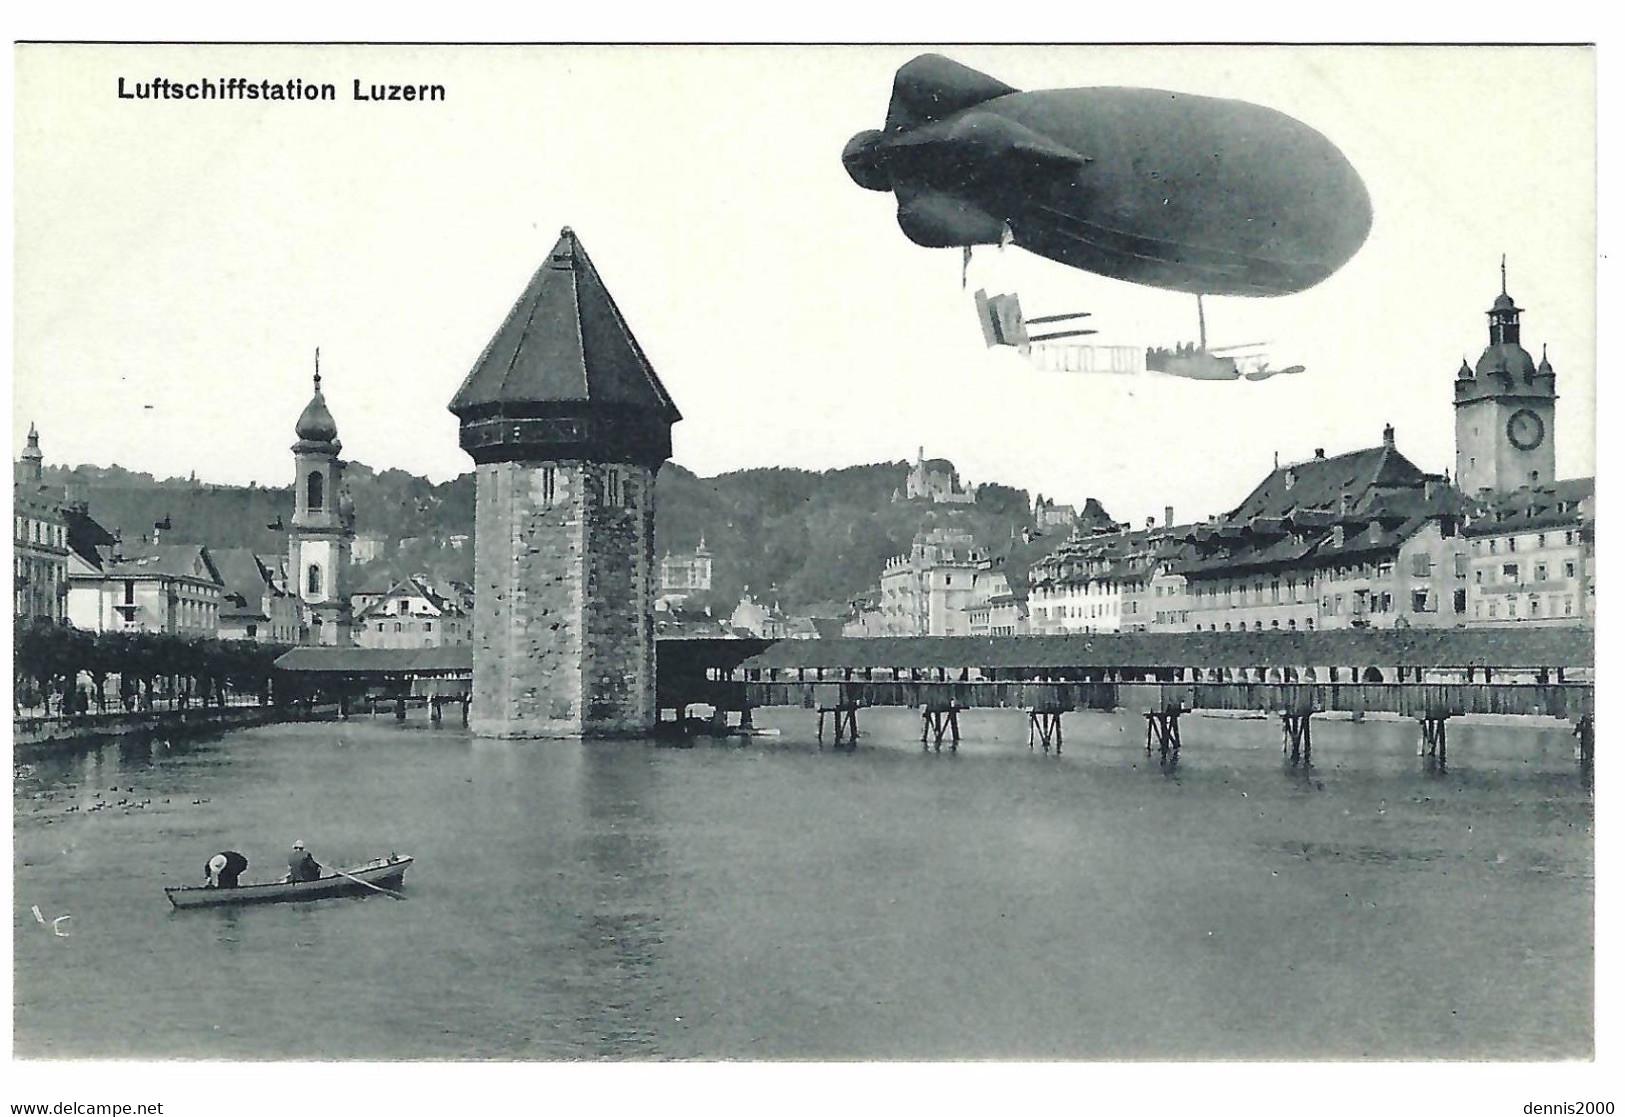 LUZERN - LUCERNE - Luftschiffstation Luzern - Ed. Zimmermann-Straessler, Luzern - LU Lucerne